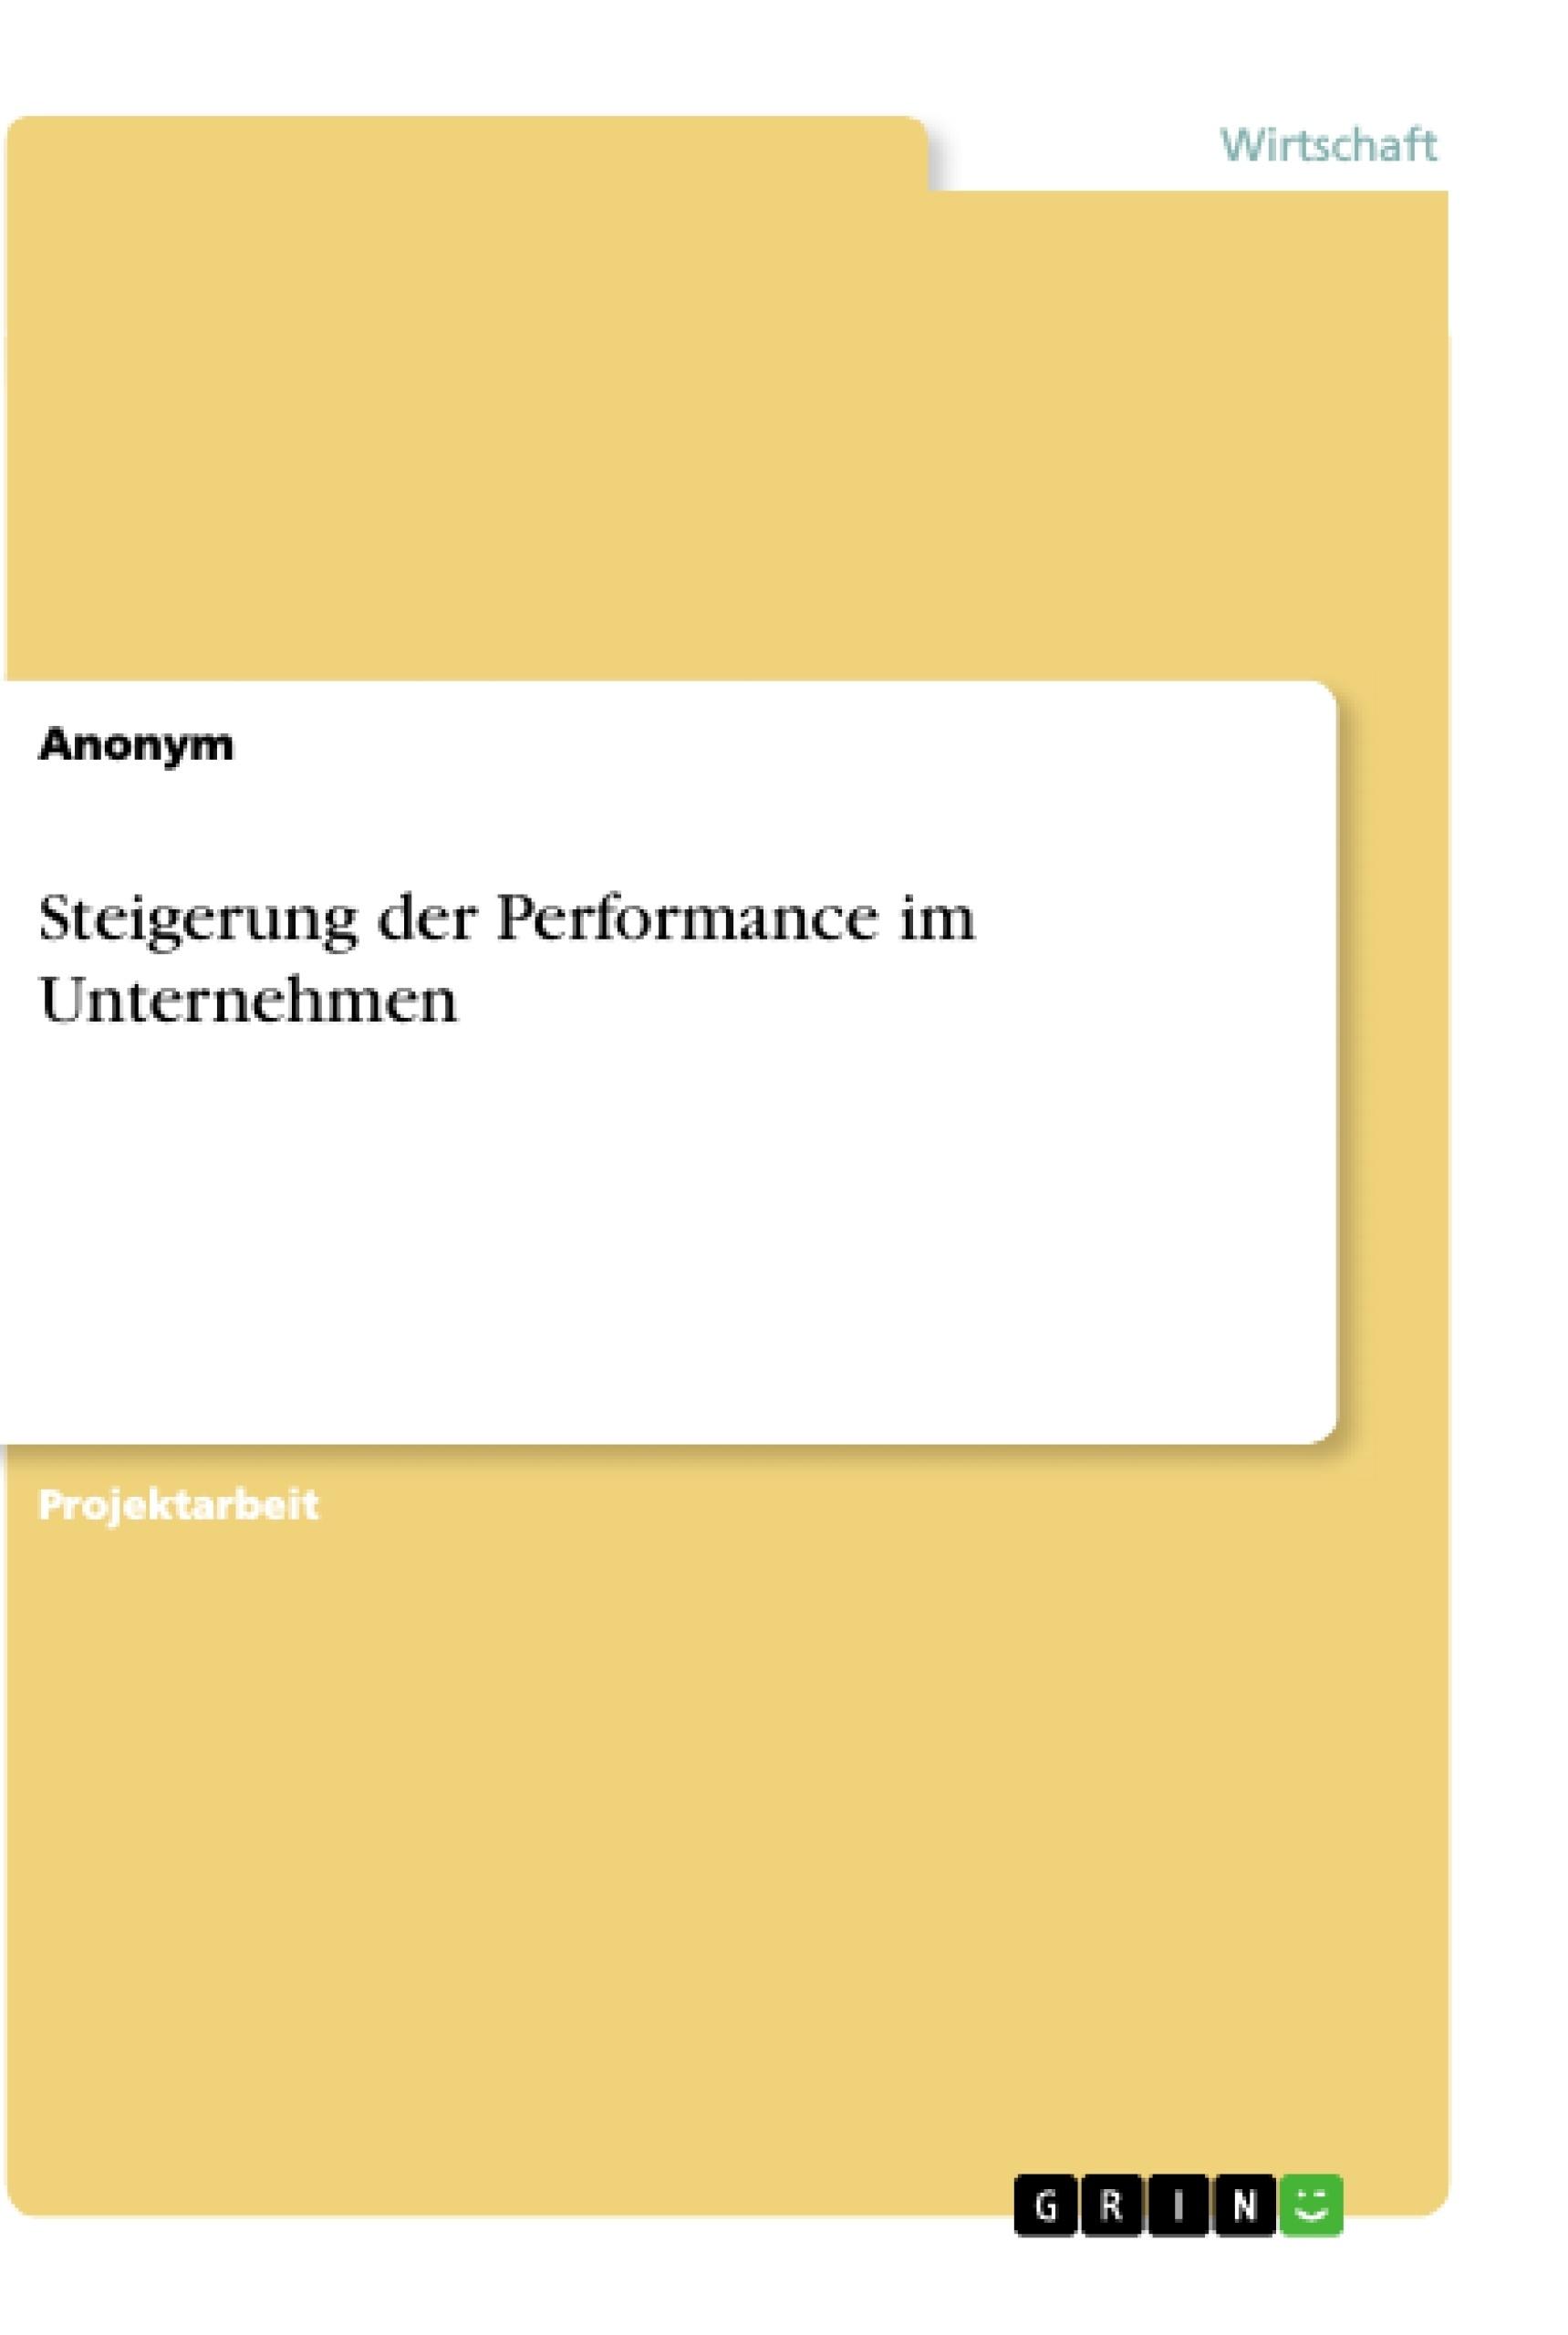 Titel: Steigerung der Performance im Unternehmen